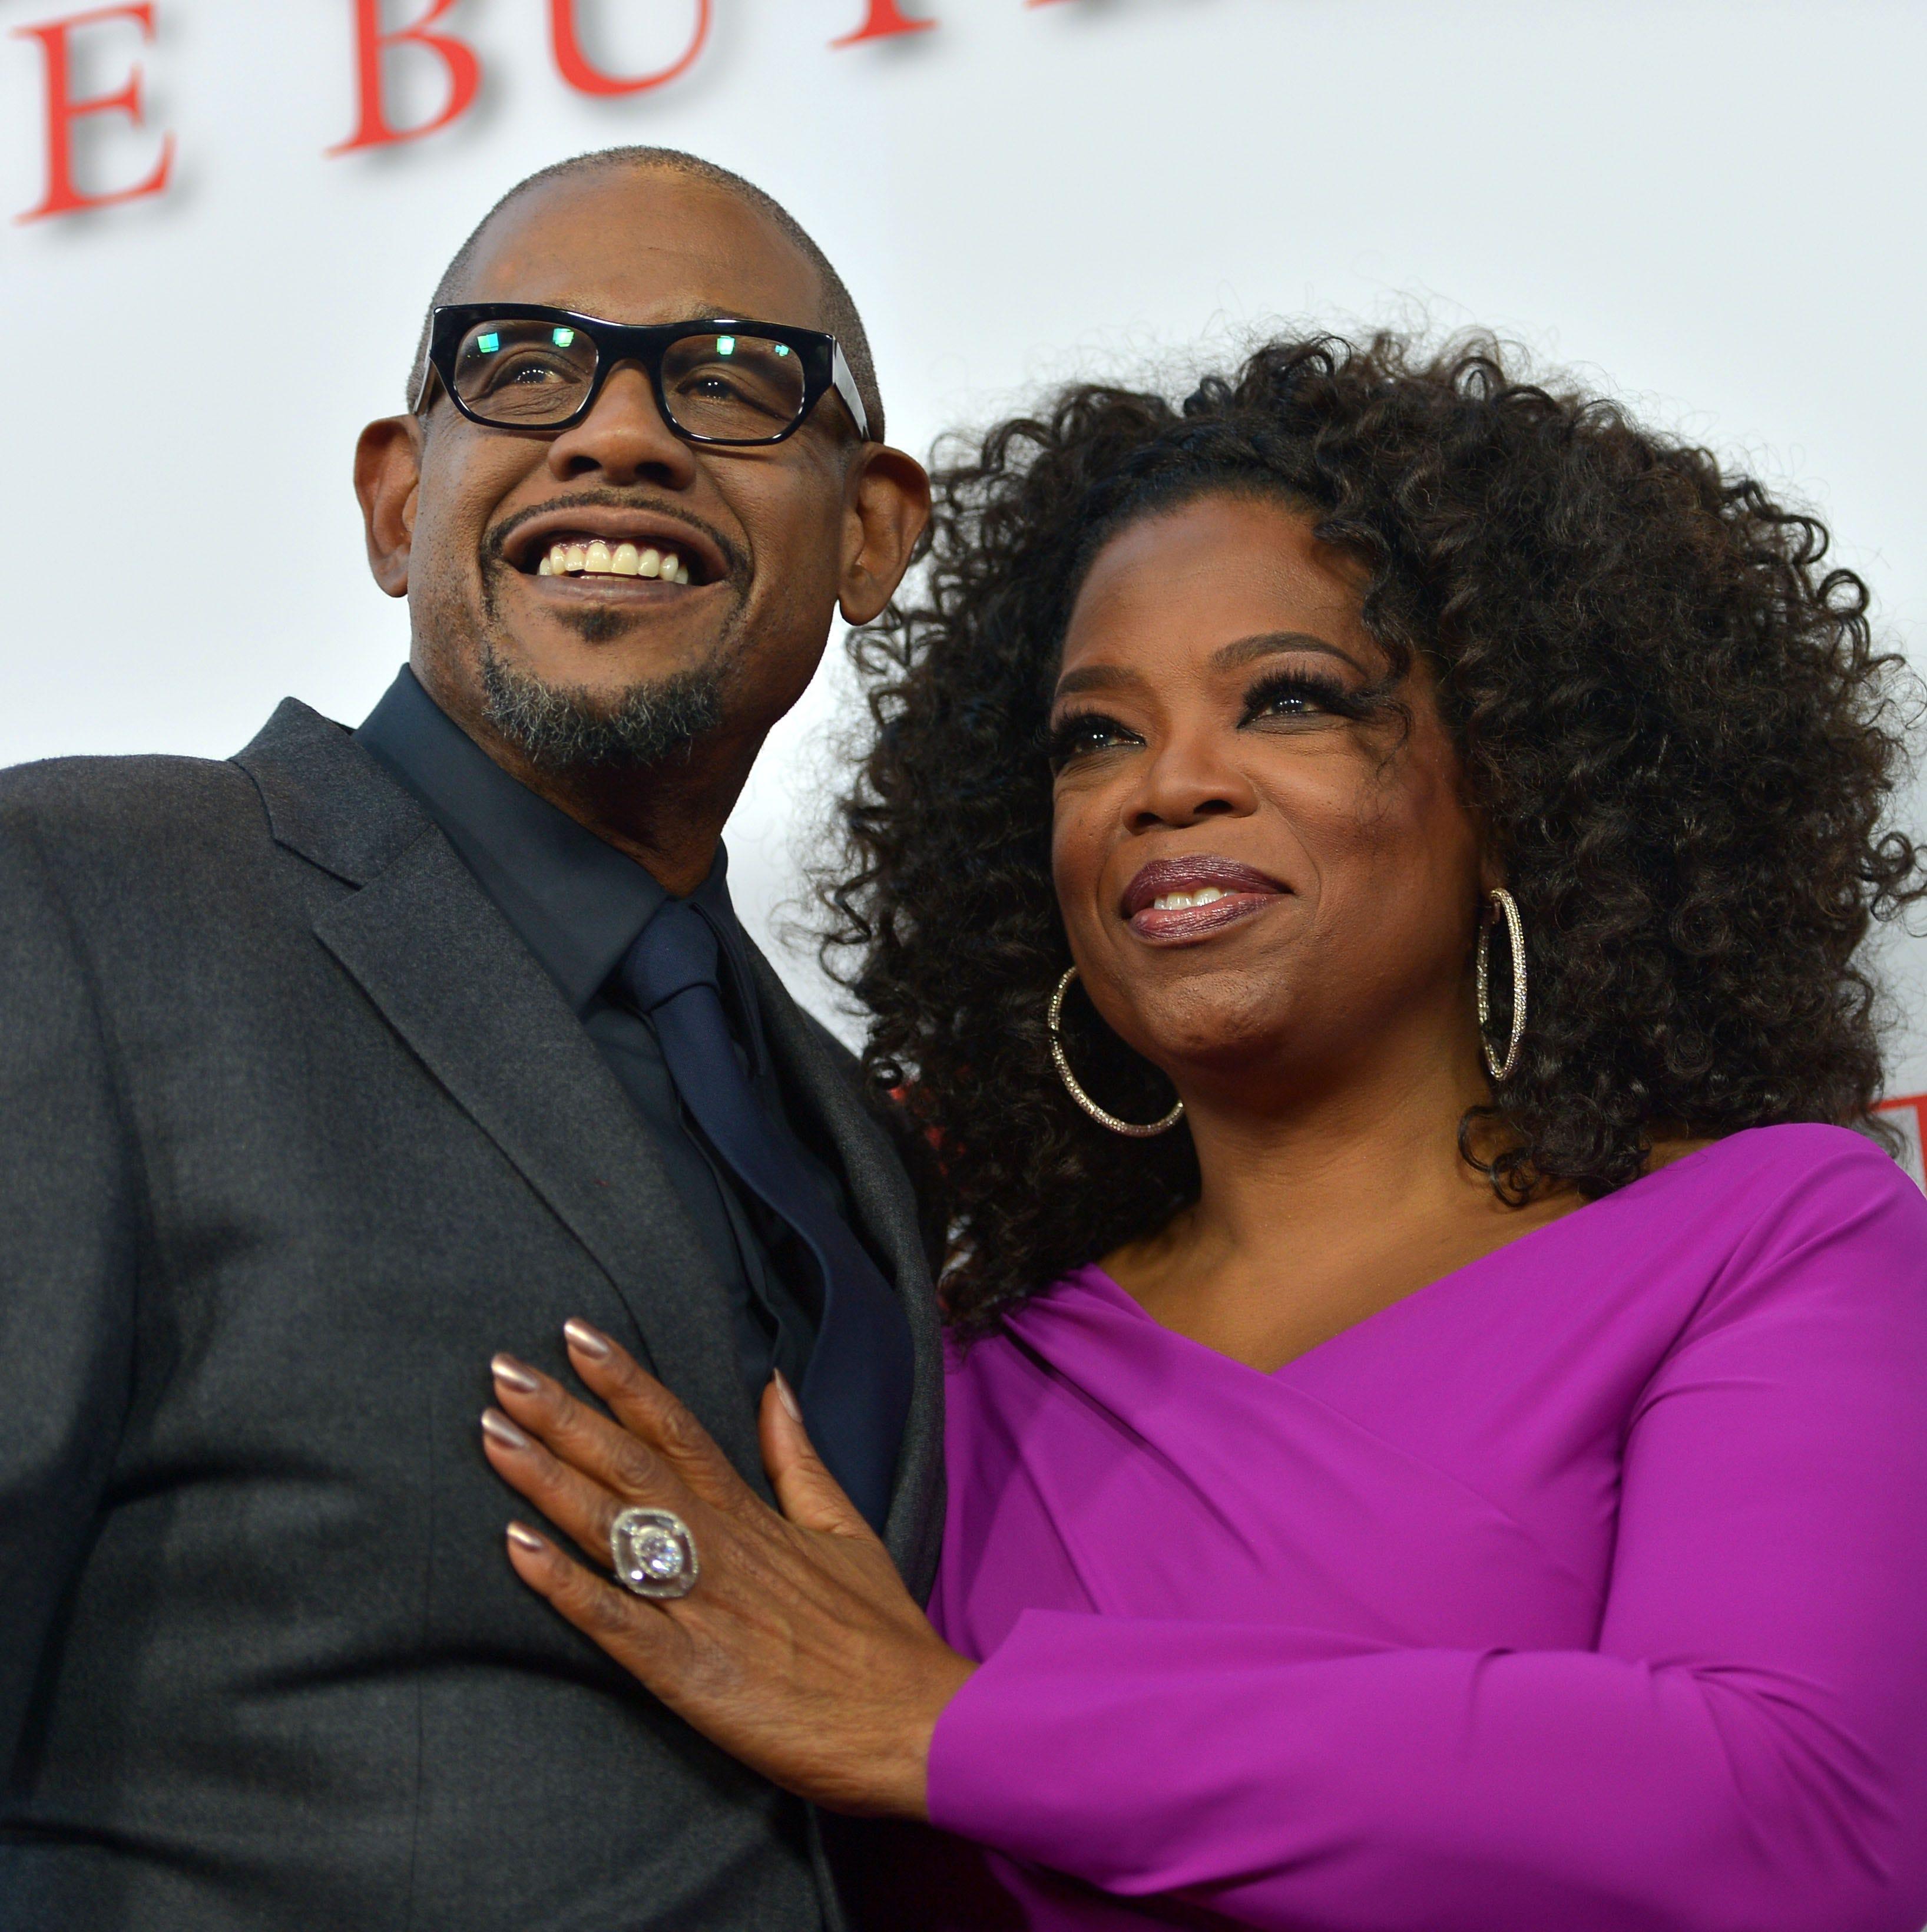 Oprah discusses racist incident